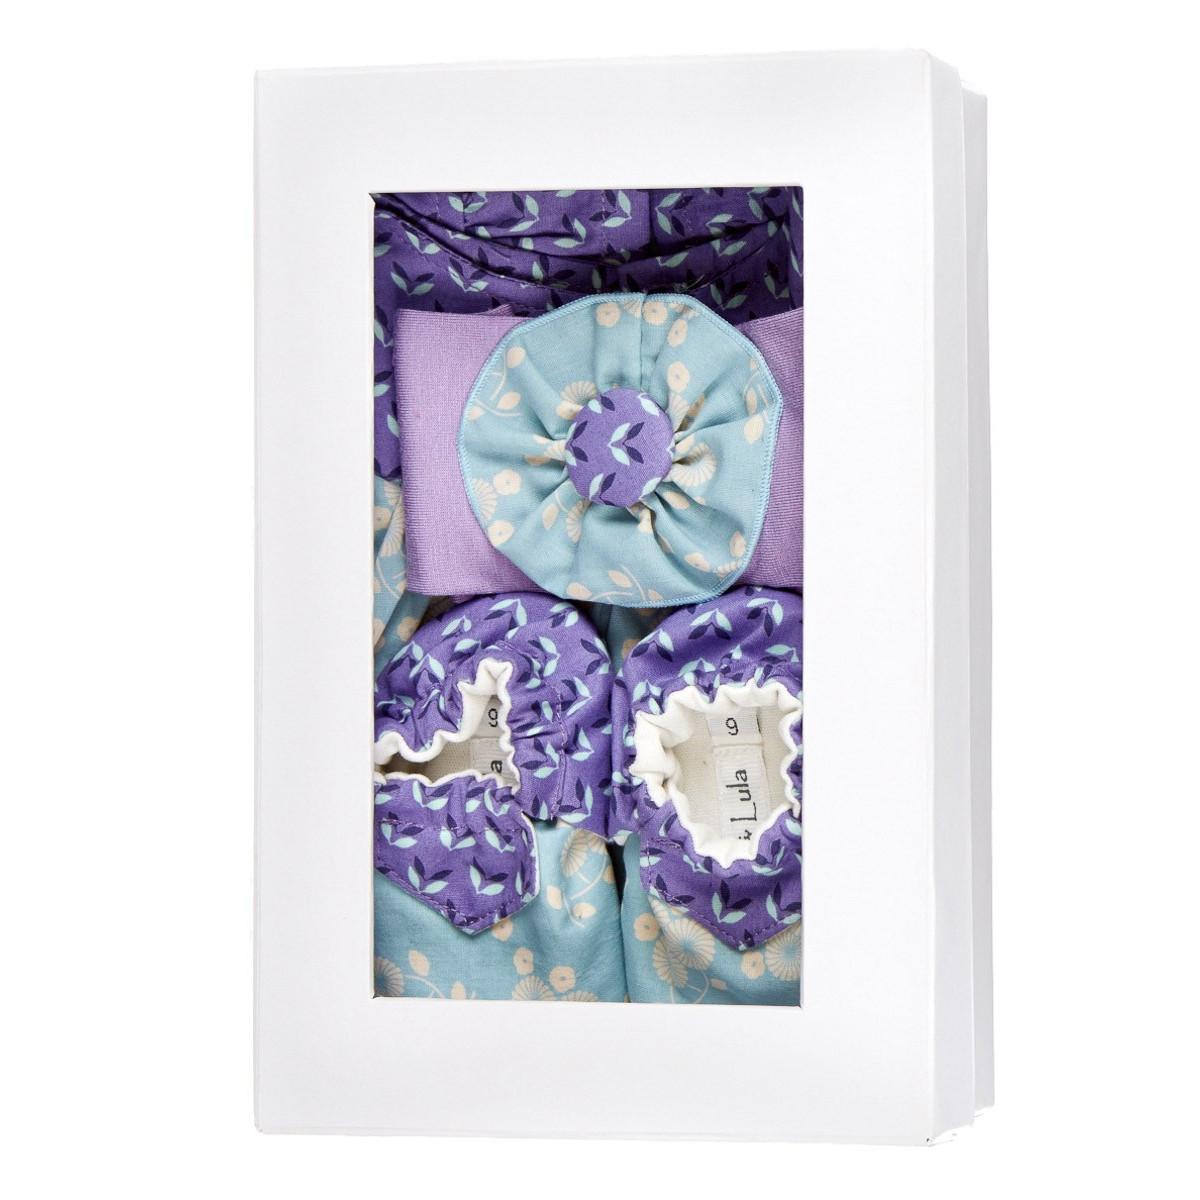 Coffret de naissance fille 0-6 mois bleu et violet